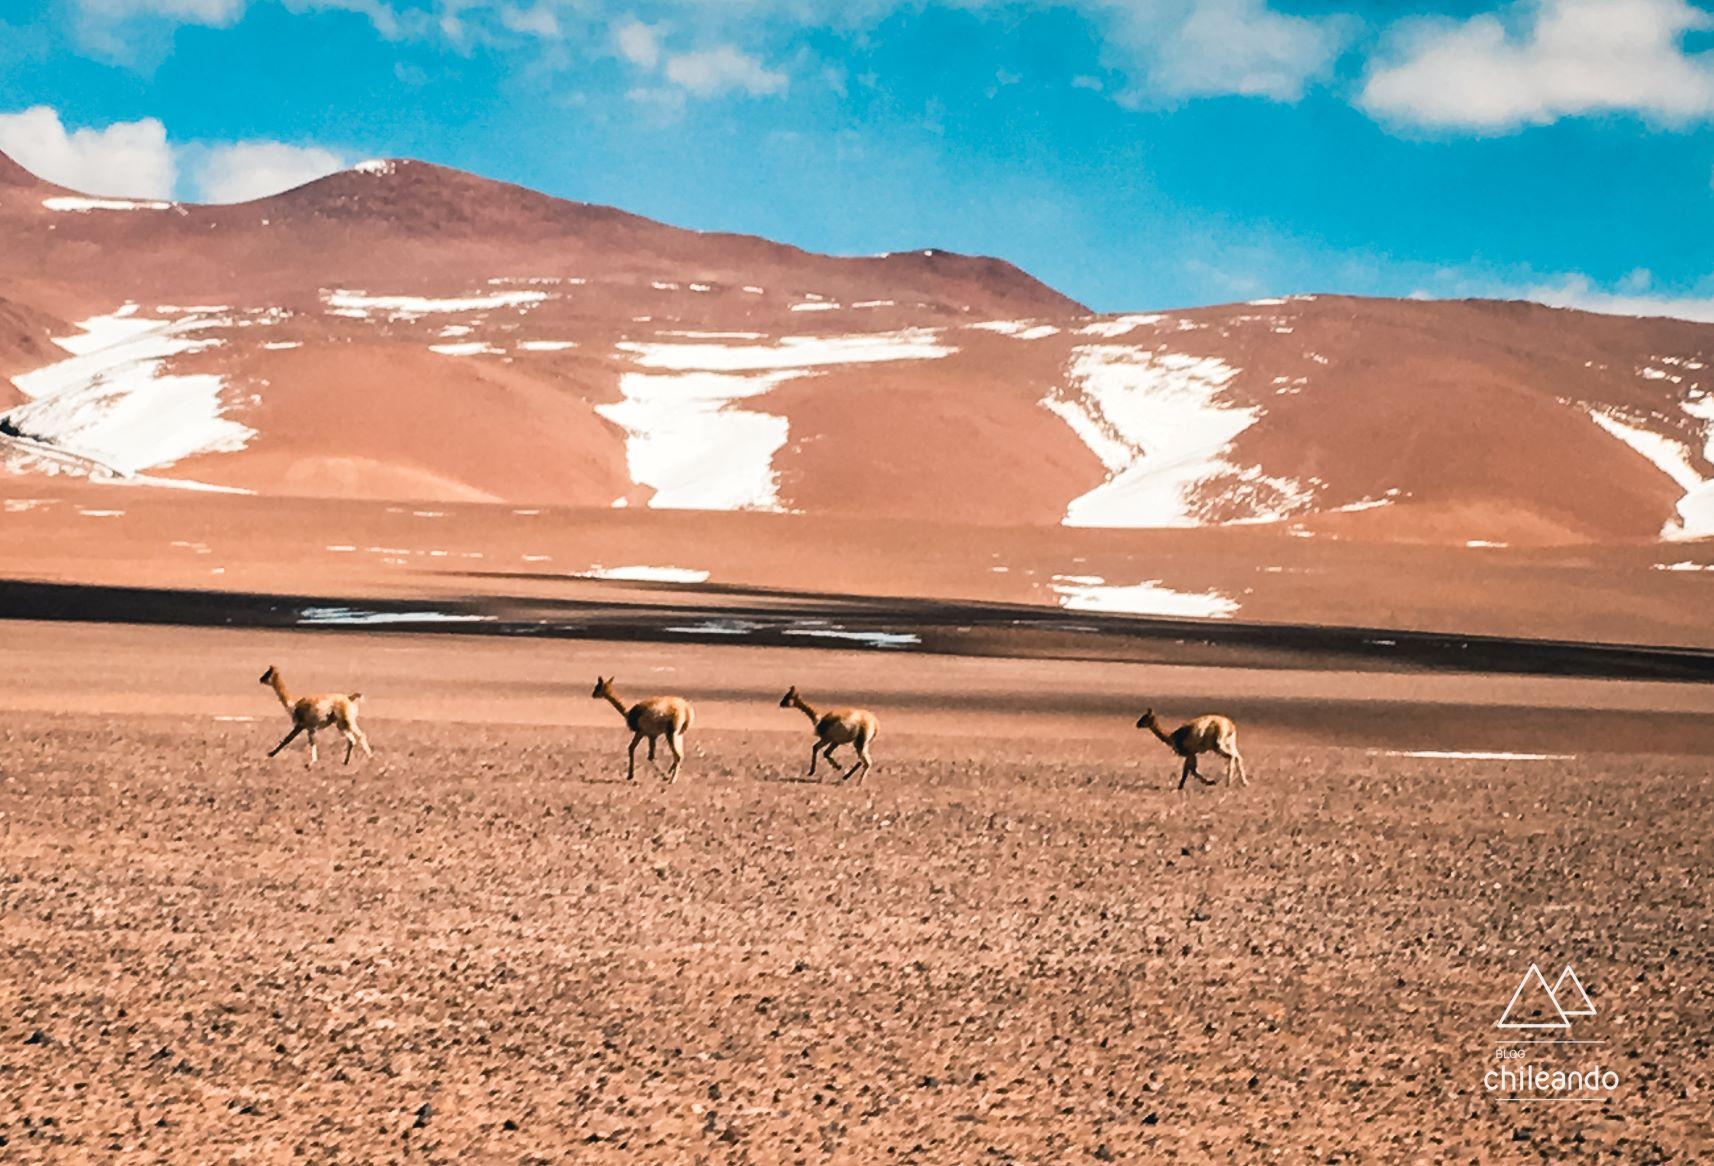 Vida selvagem do deserto de Atacama